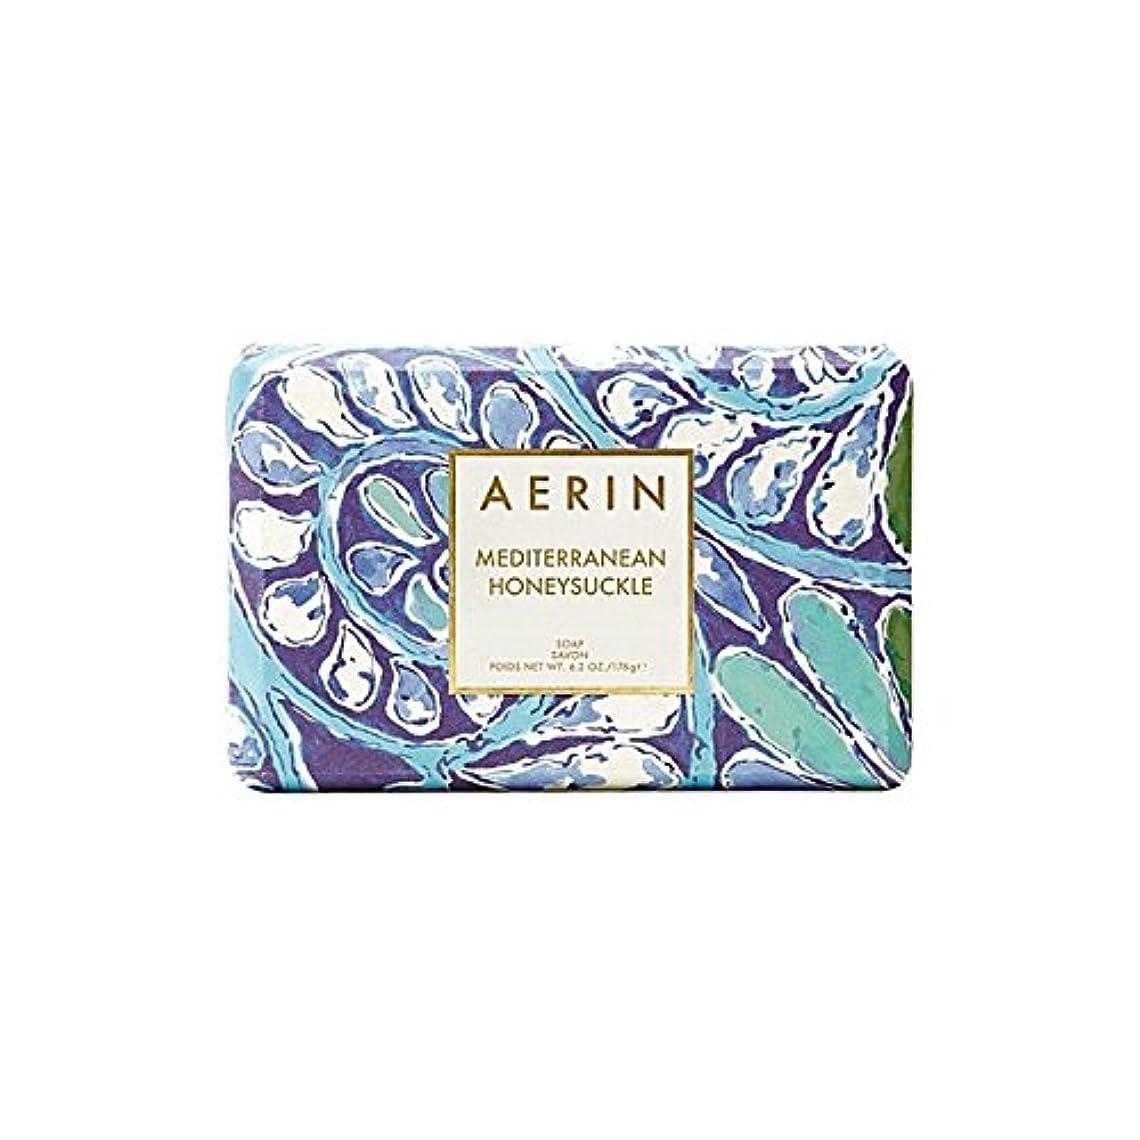 胚芽アラブサラボフレキシブルスイカズラ固形石鹸176グラム x4 - Aerin Mediterrenean Honeysuckle Bar Soap 176G (Pack of 4) [並行輸入品]